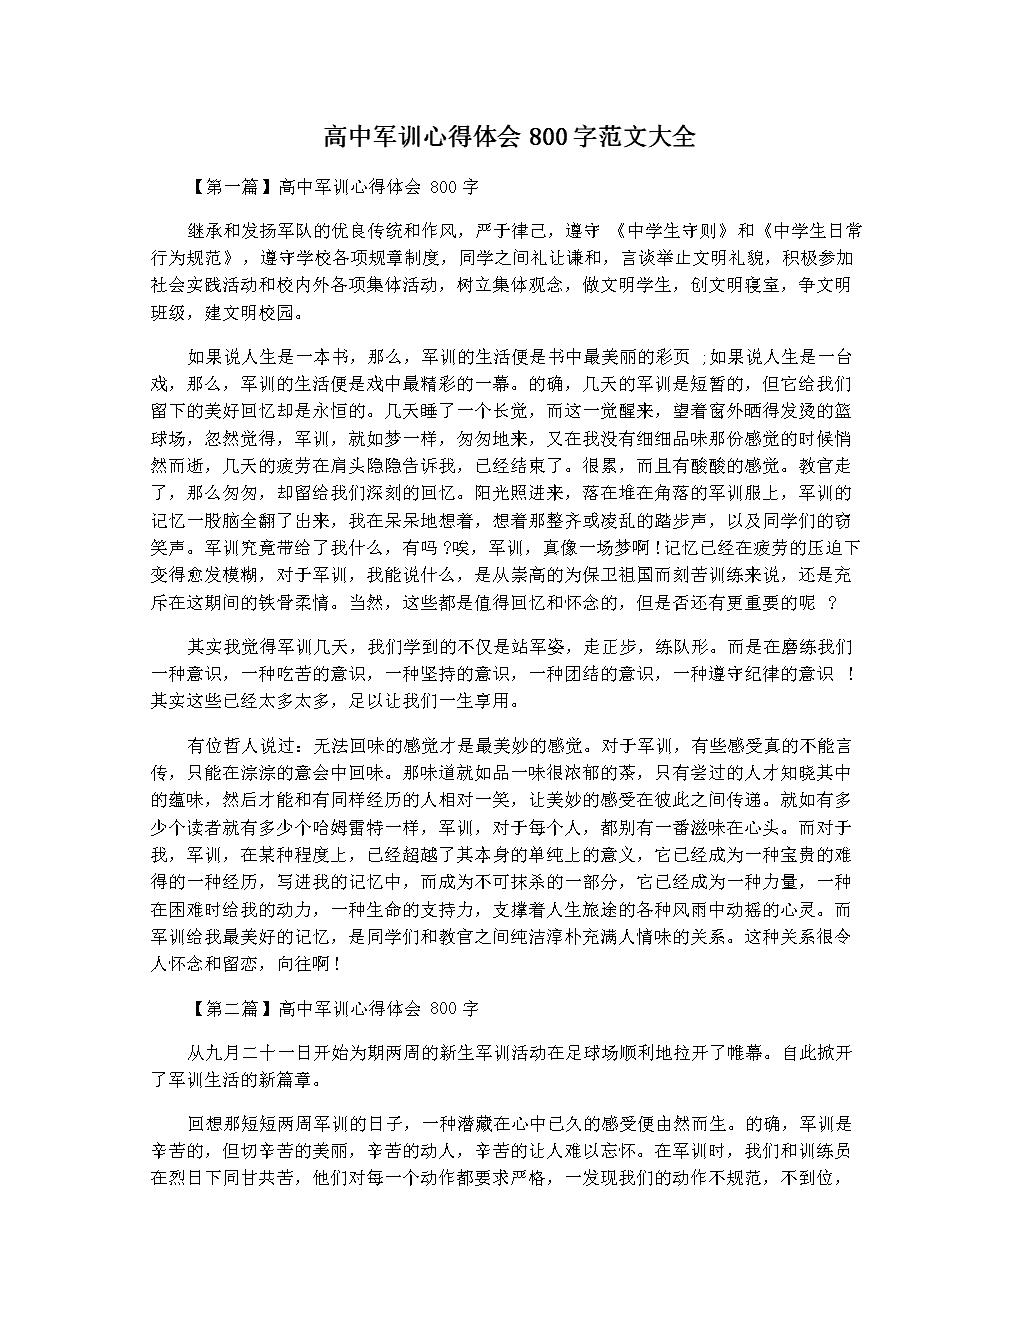 高中军训心得体会800字范文大全.docx